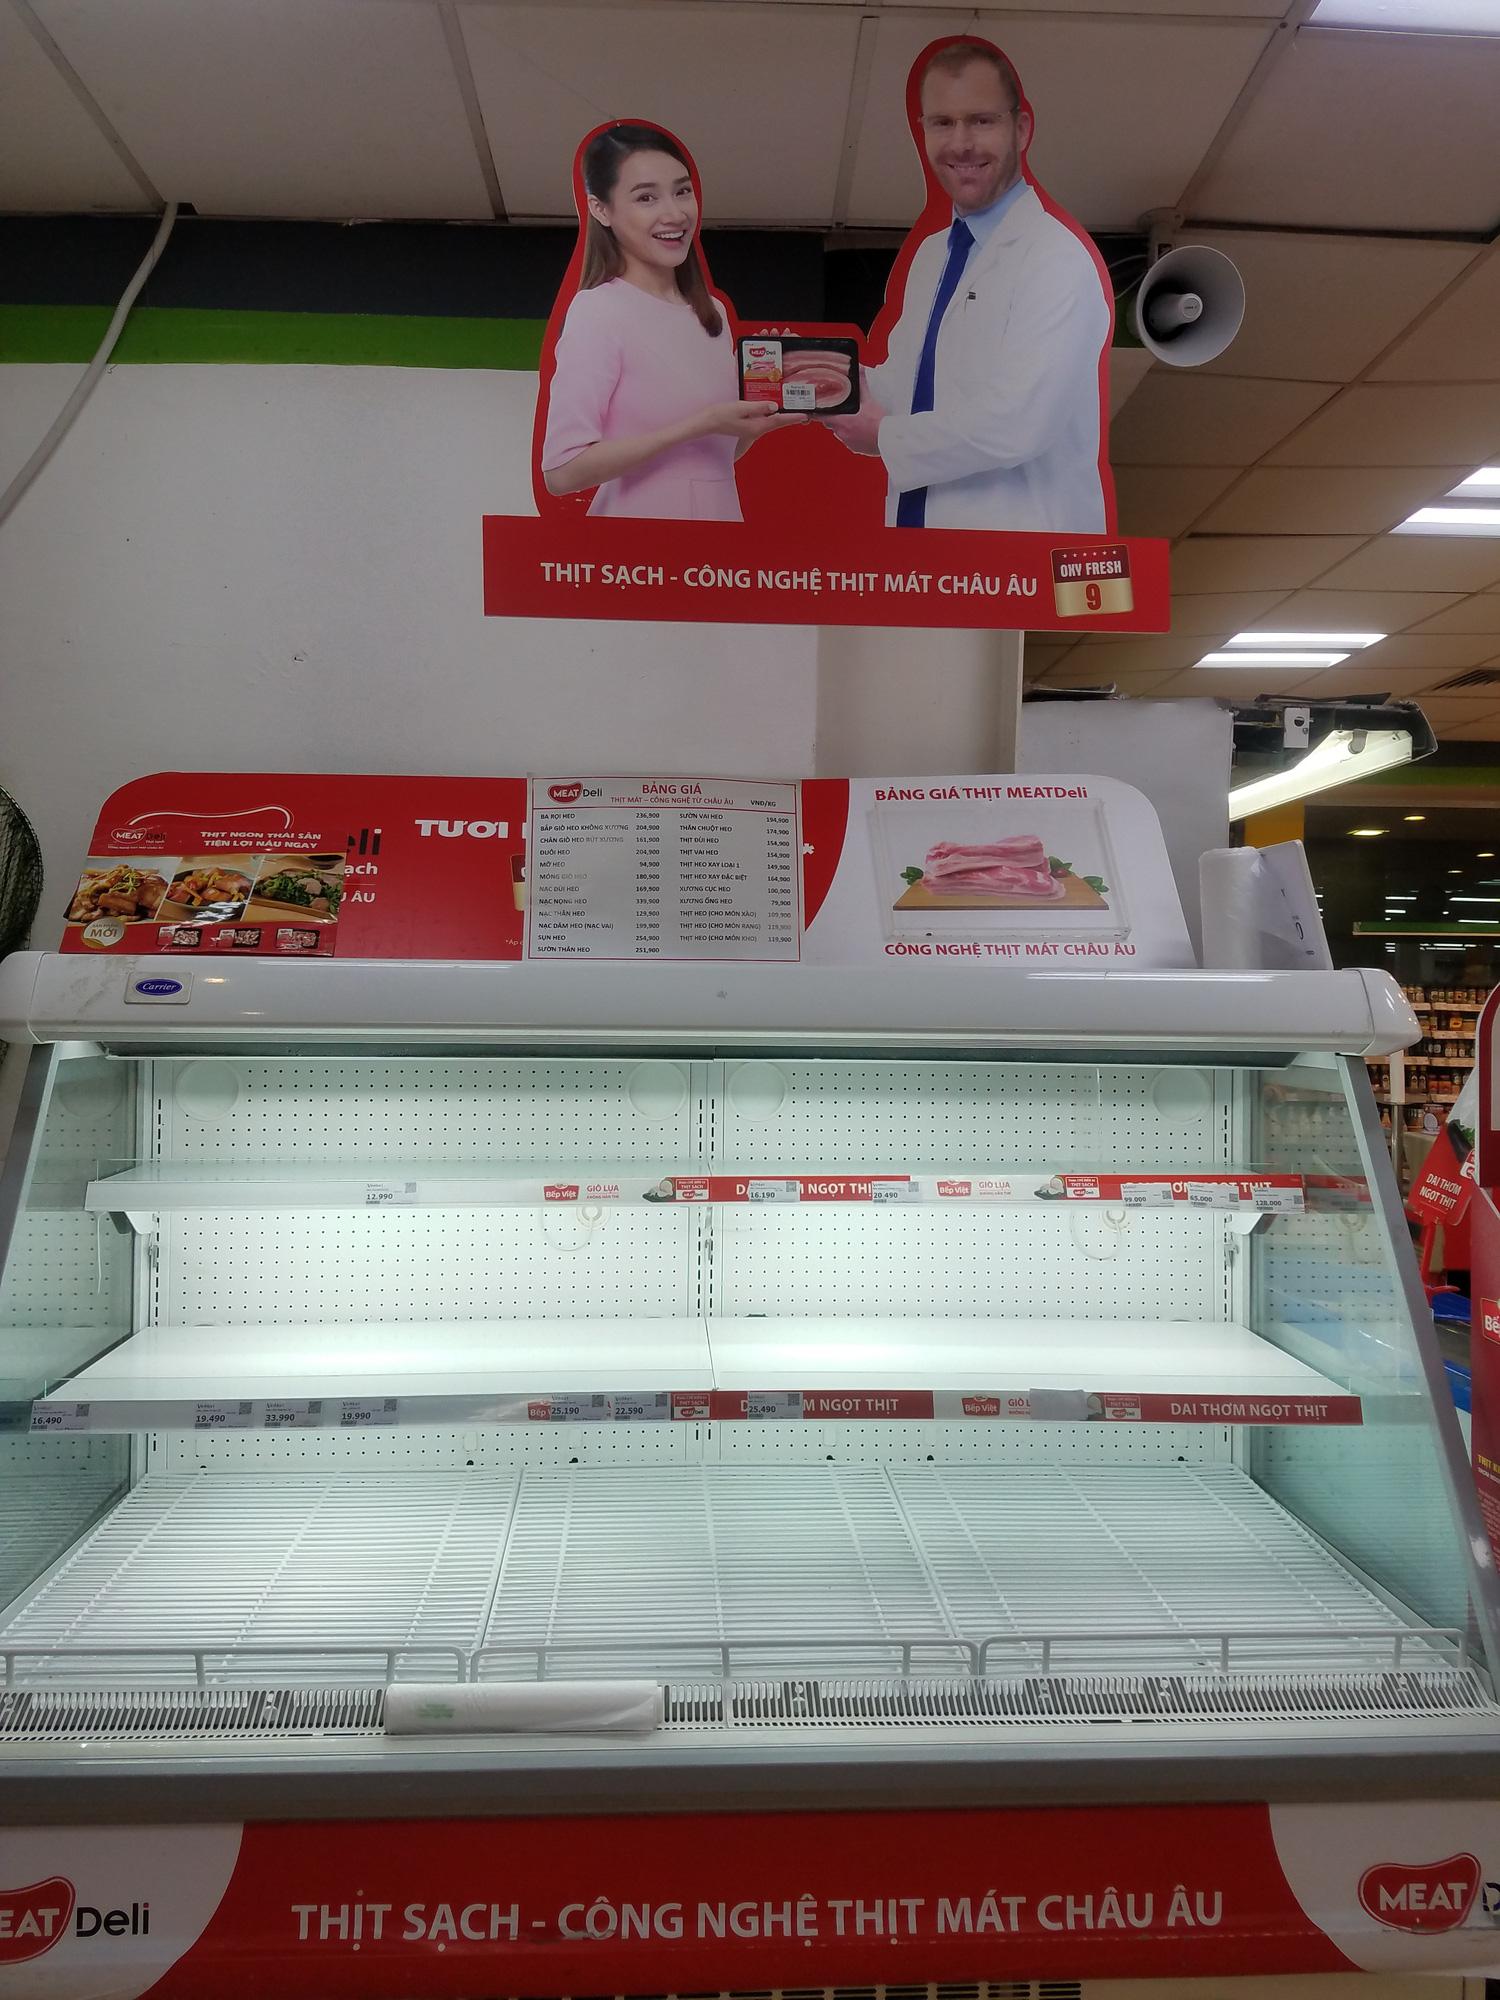 Hà Nội: Người dân tranh thủ ra các chợ, siêu thị mua lương thực và các đồ thiết yếu - Ảnh 2.